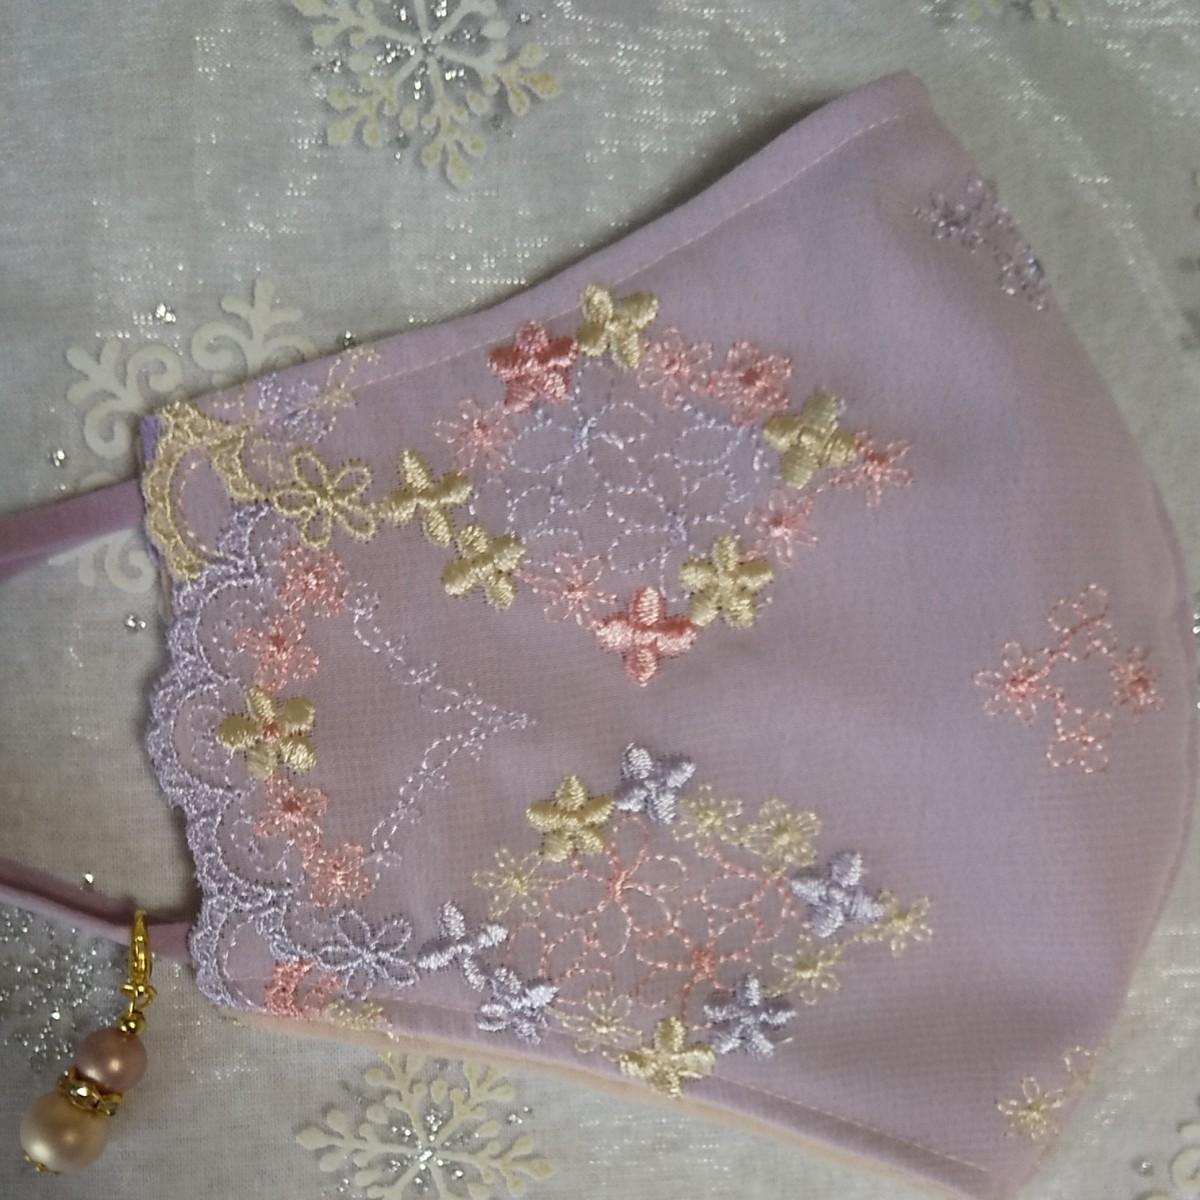 立体インナーハンドメイド、綿ガーゼ、チュール刺繍レース(パープル×パステルピンク刺繍レース)(普通サイズ)アジャスター付チャーム付